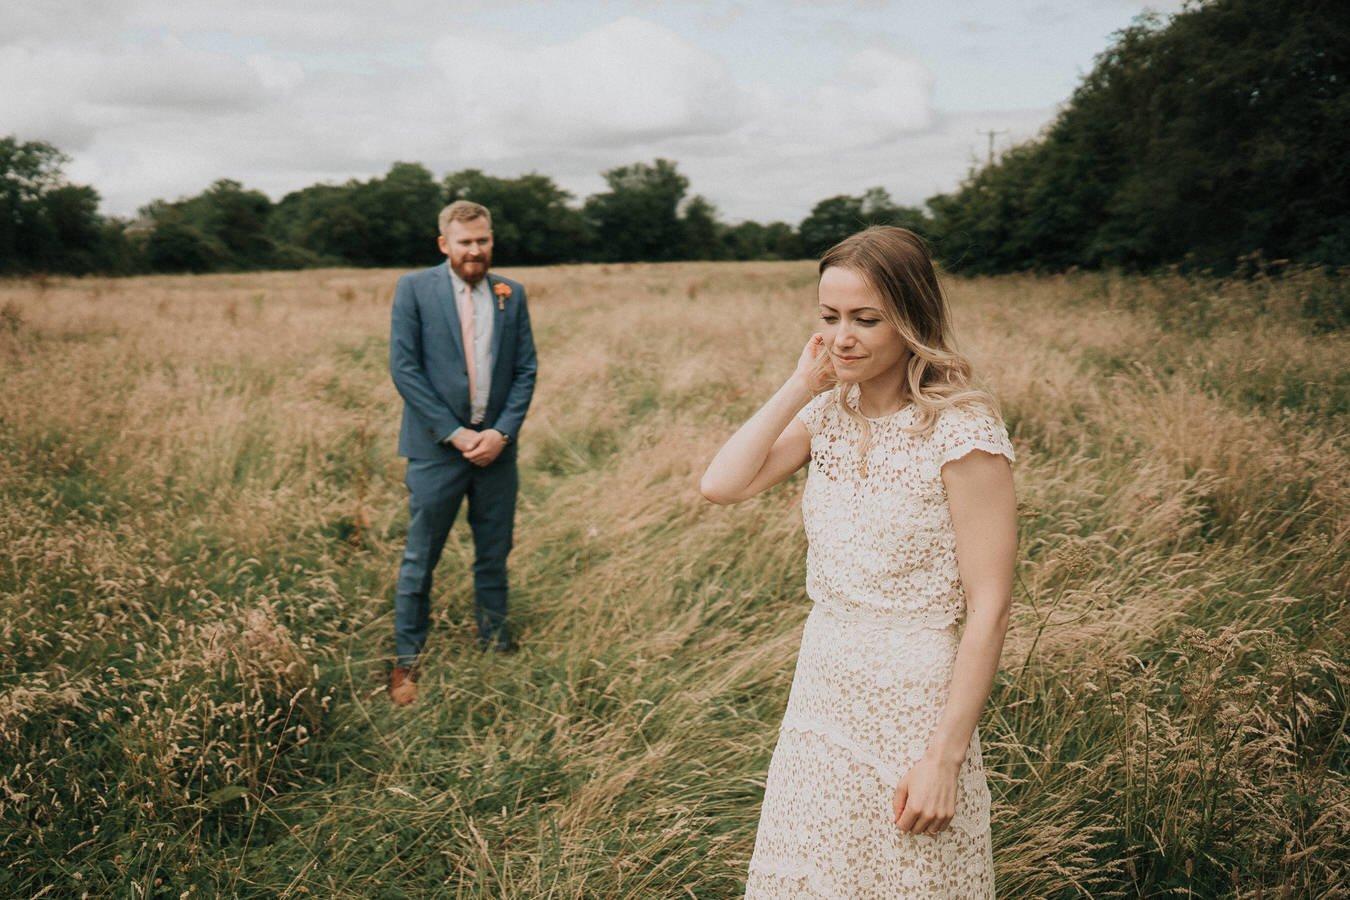 The-Station-House-wedding-Dublin-photographer- 0117 115